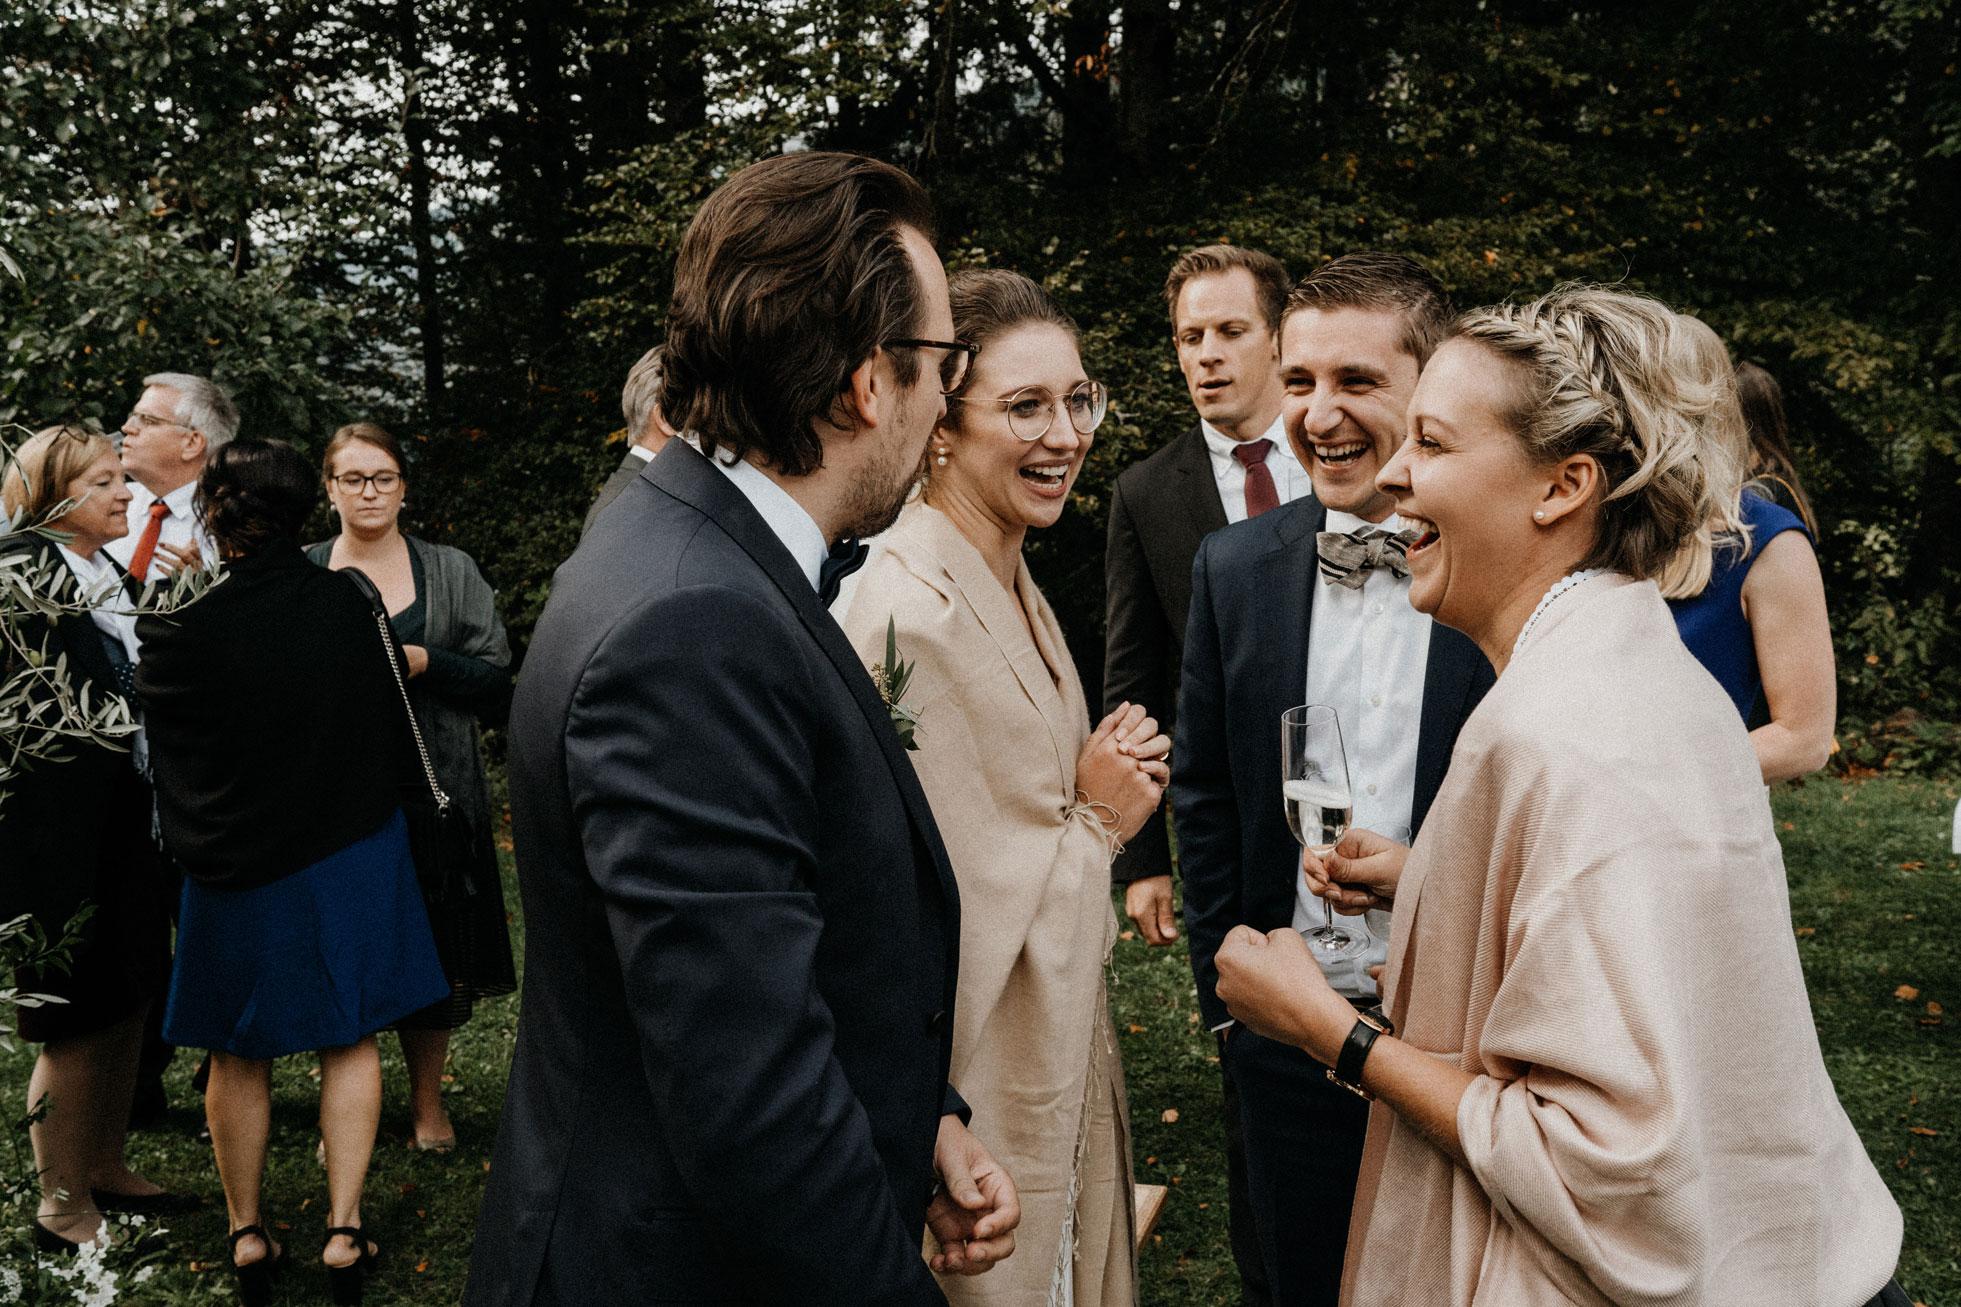 Hochzeit_Claire_Manuel_Villa_Maund_Daniel_Jenny-286.jpg